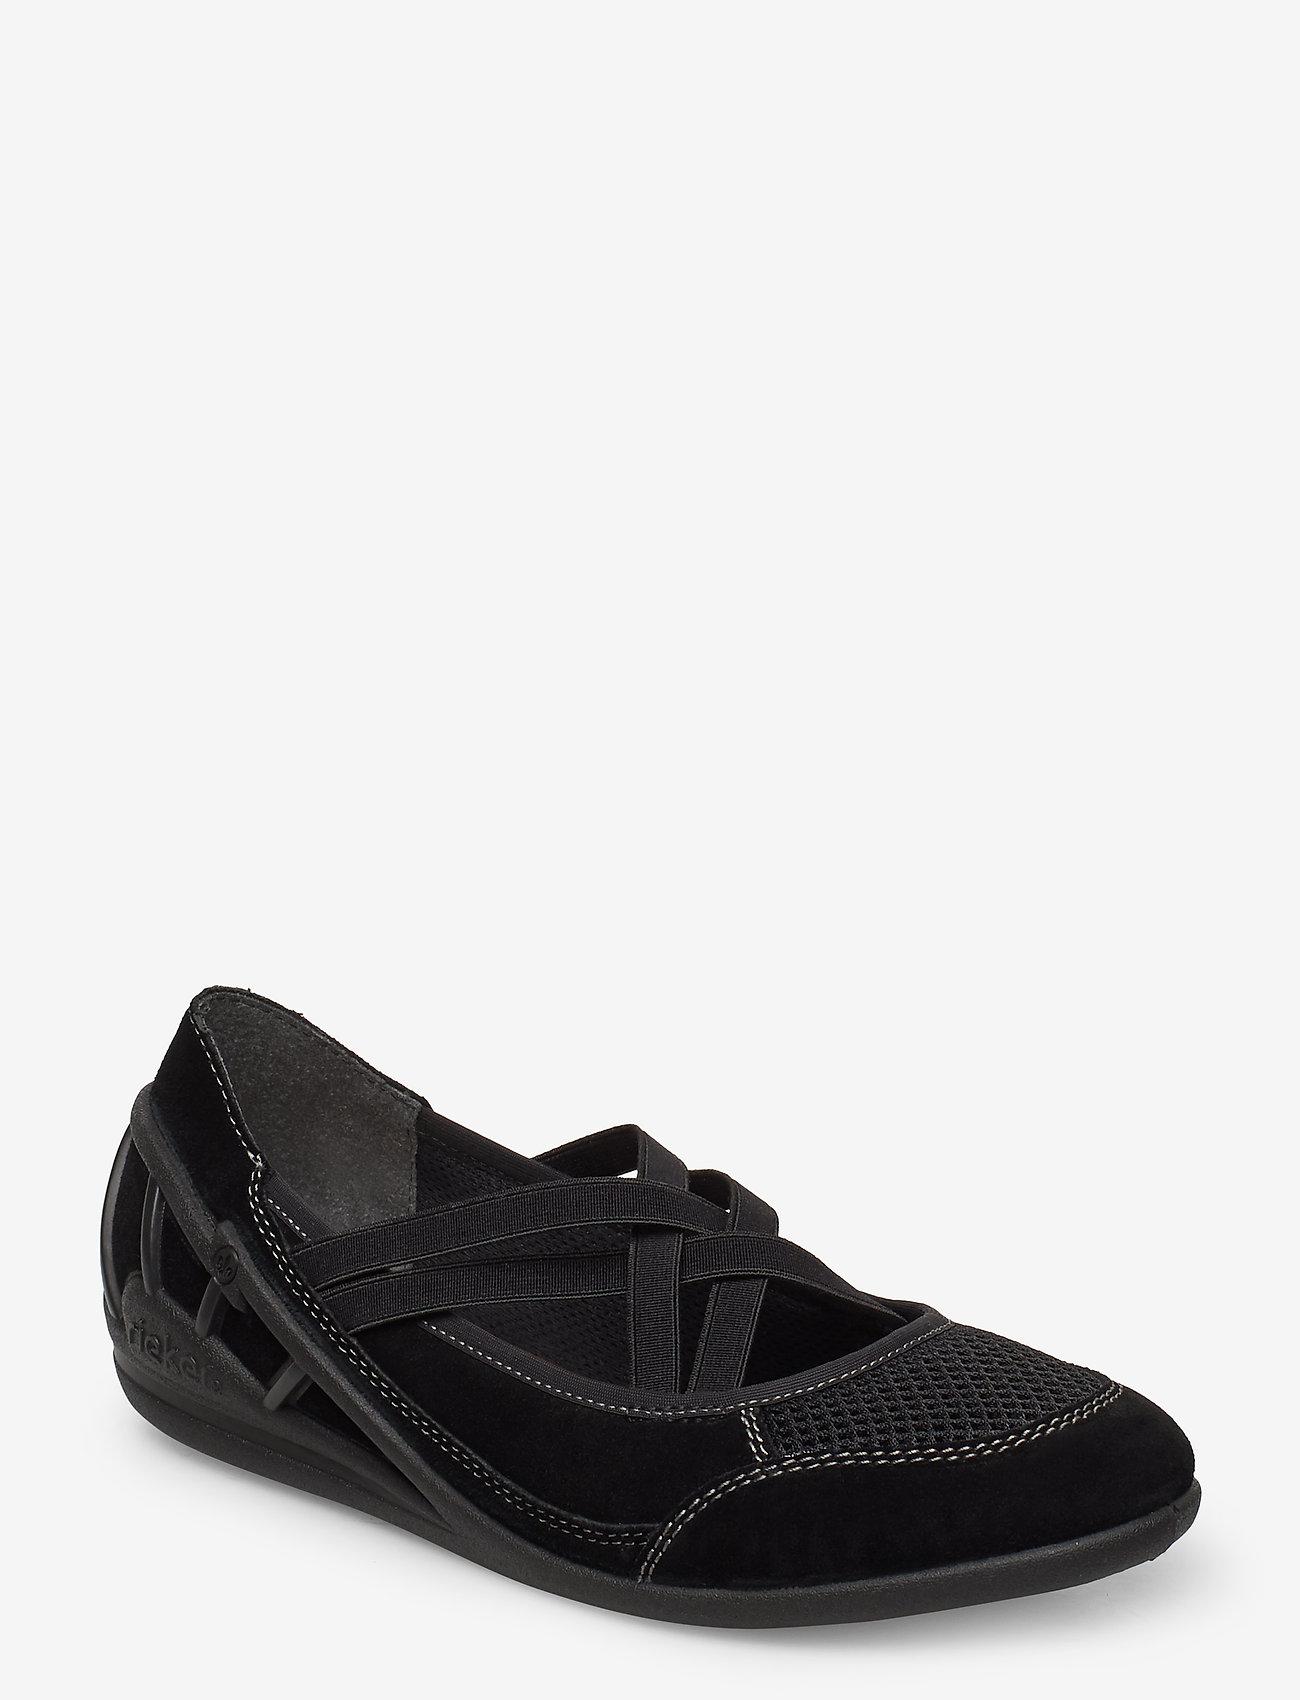 Rieker - 59585-00 - ballerinas - black